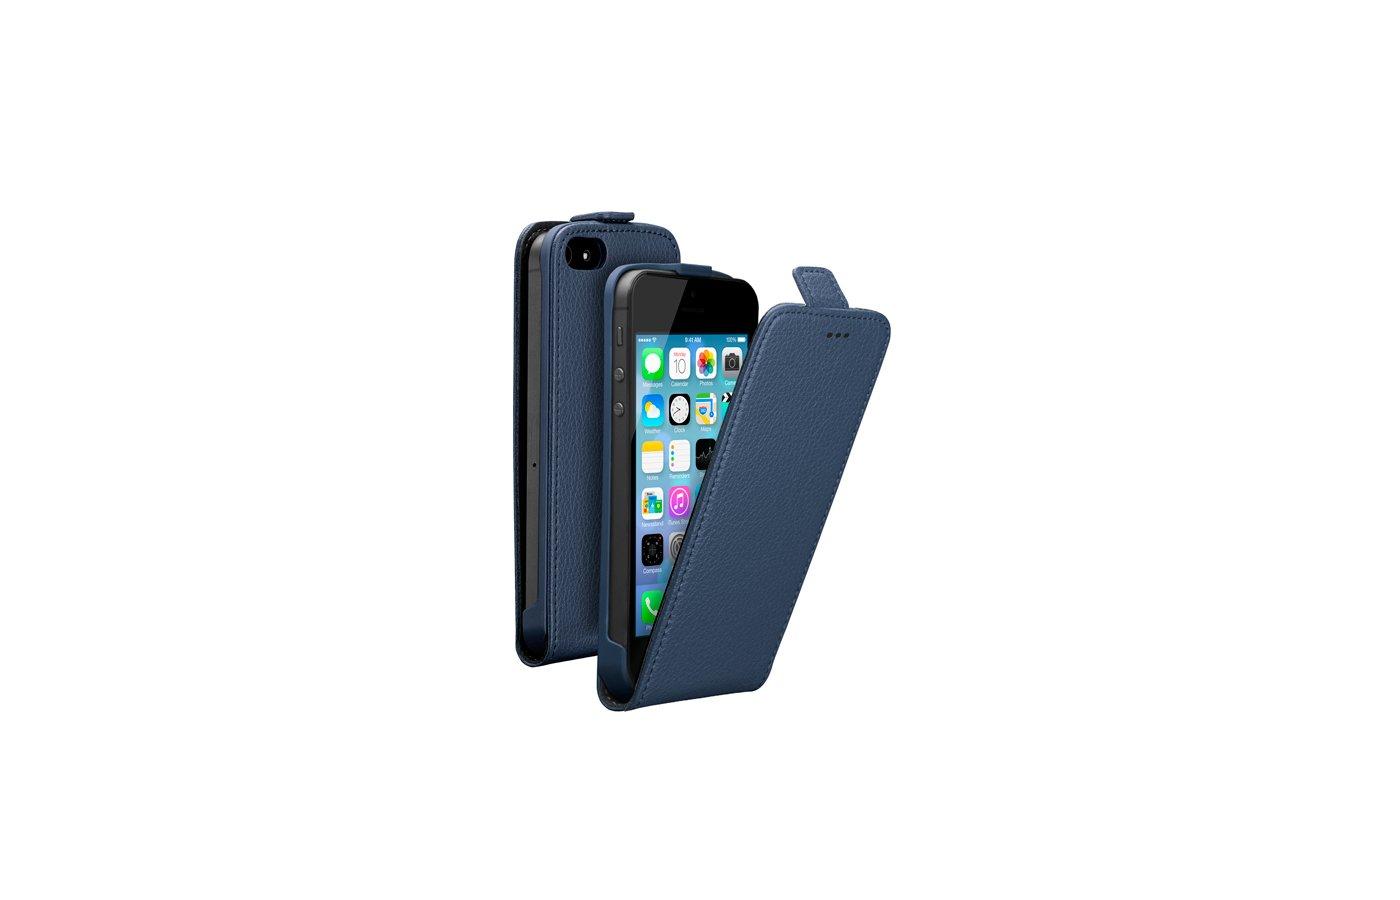 Чехол Deppa Flip Cover для iPhone 5/5S/SE синий магнит (81020)